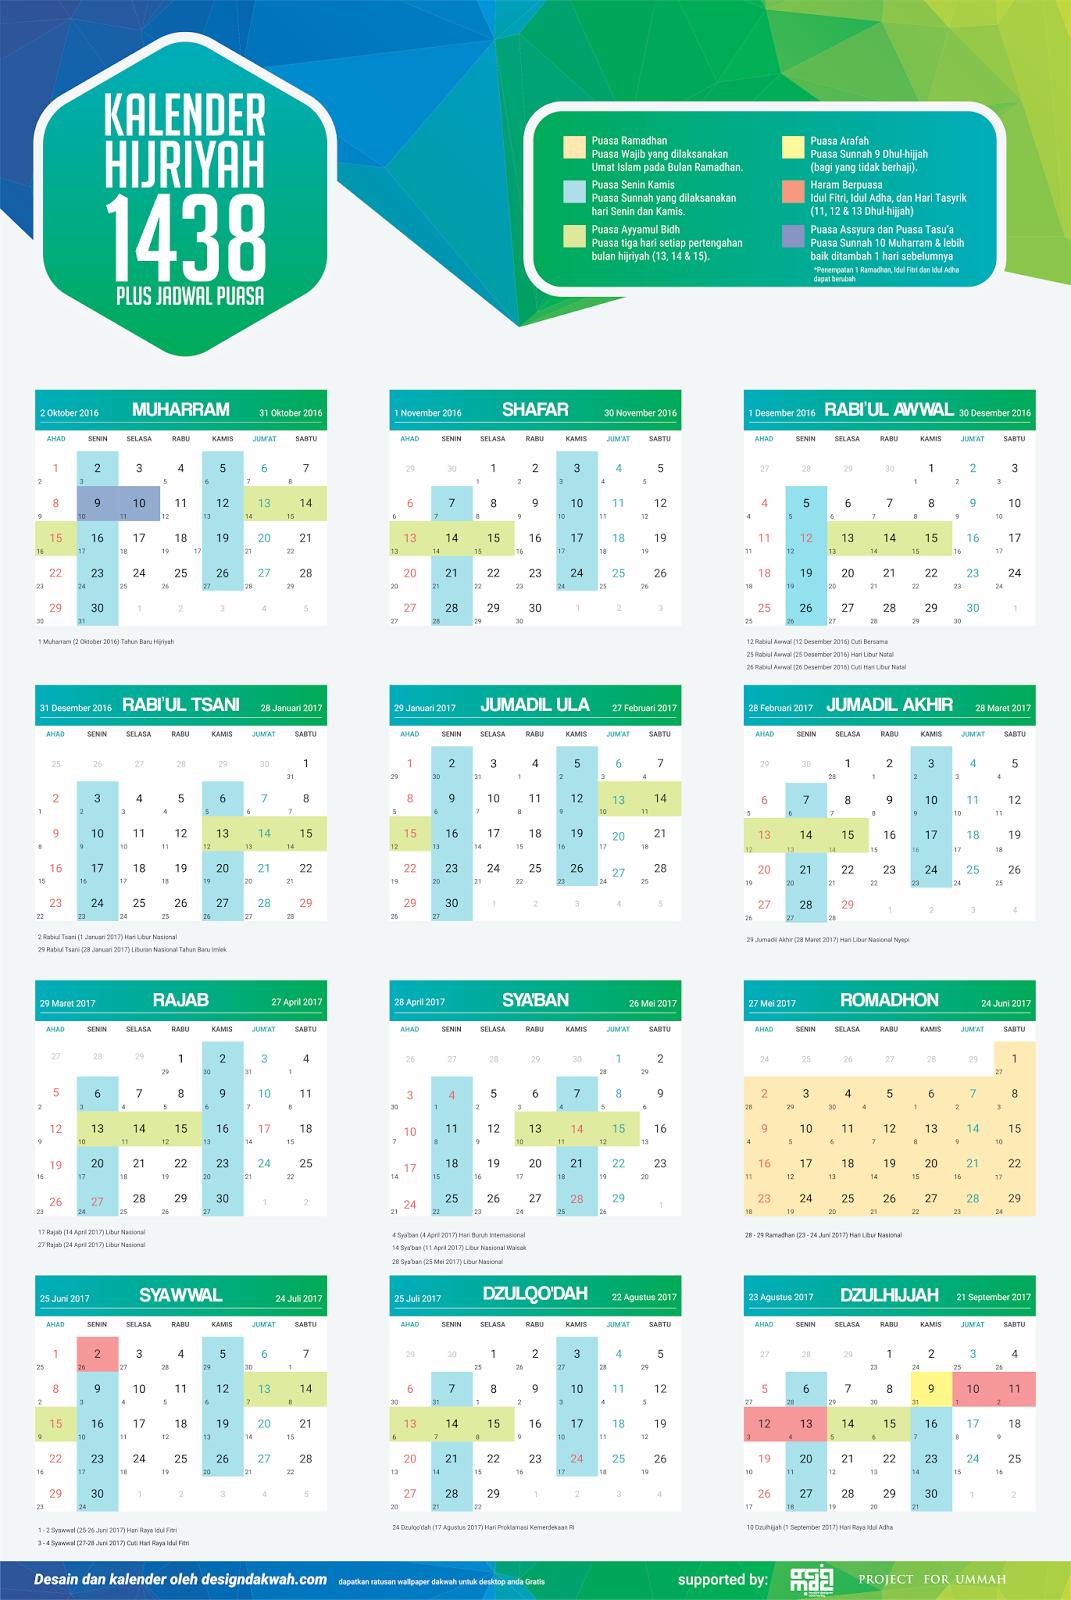 Kalender 1438 Hijriyah Gratis Download + Jadwal Puasa (Cdr, Pdf dan Hi ...